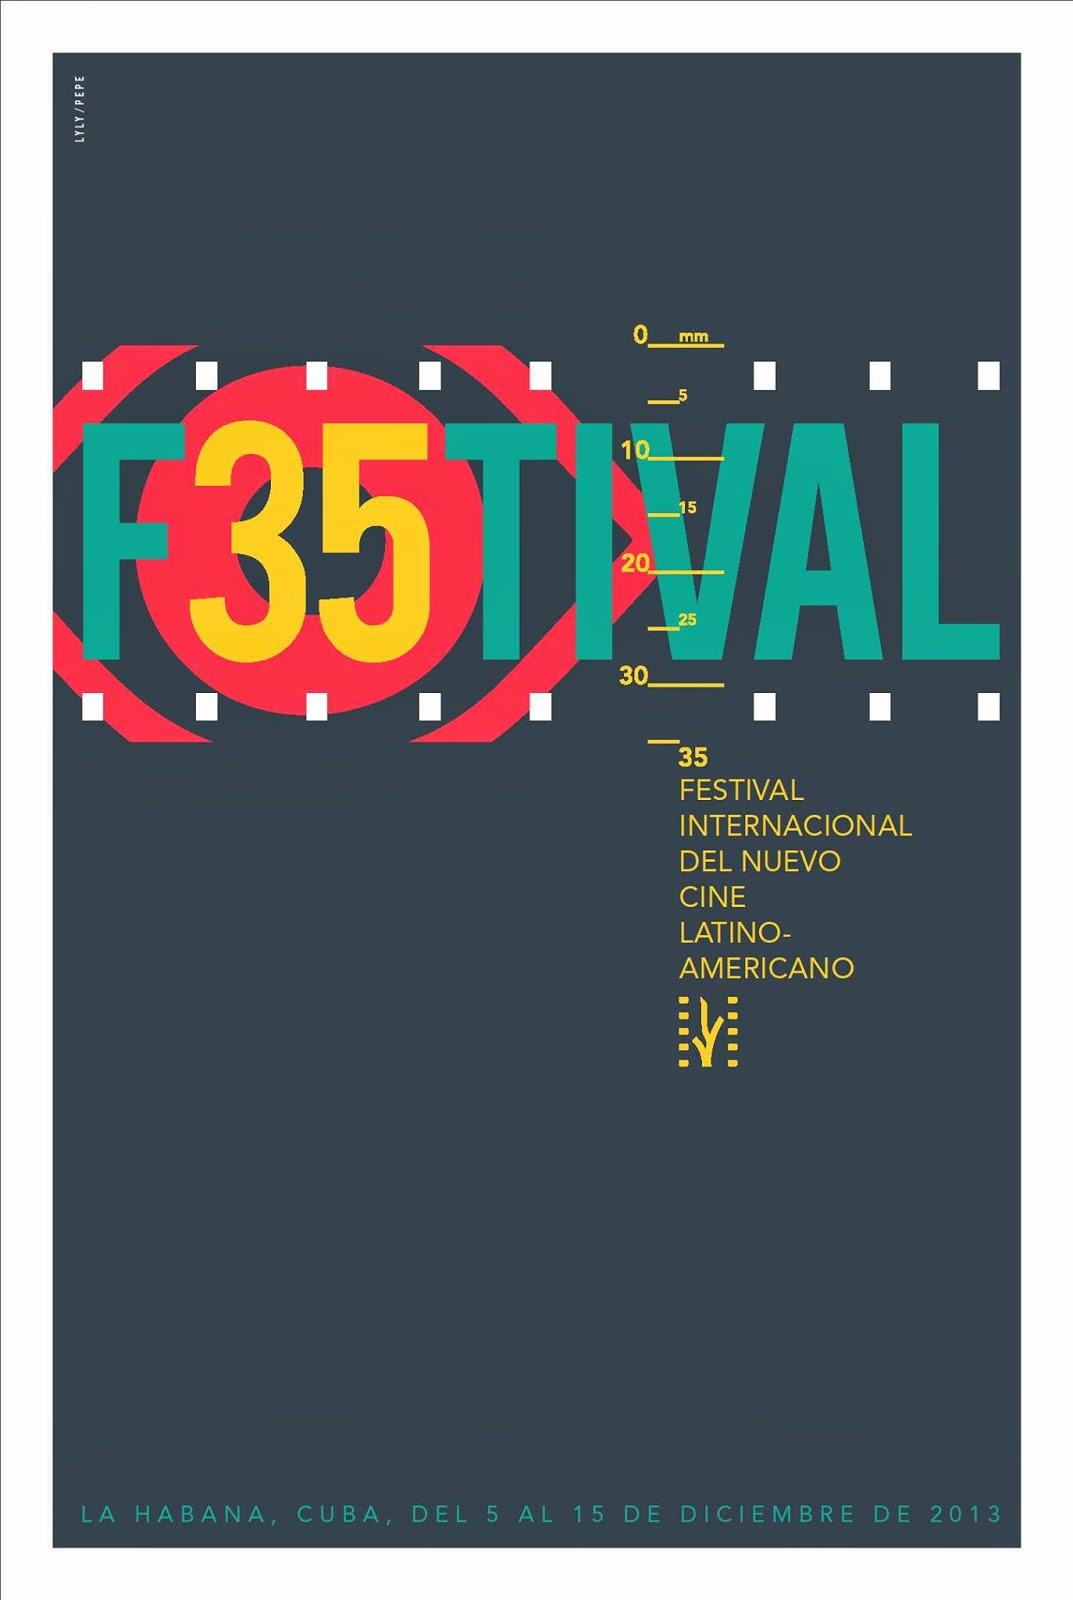 35 F35TIVAL INTERNACIONAL DEL NUEVO CINE LATINOAMERICANO DE LA HABANA 2013